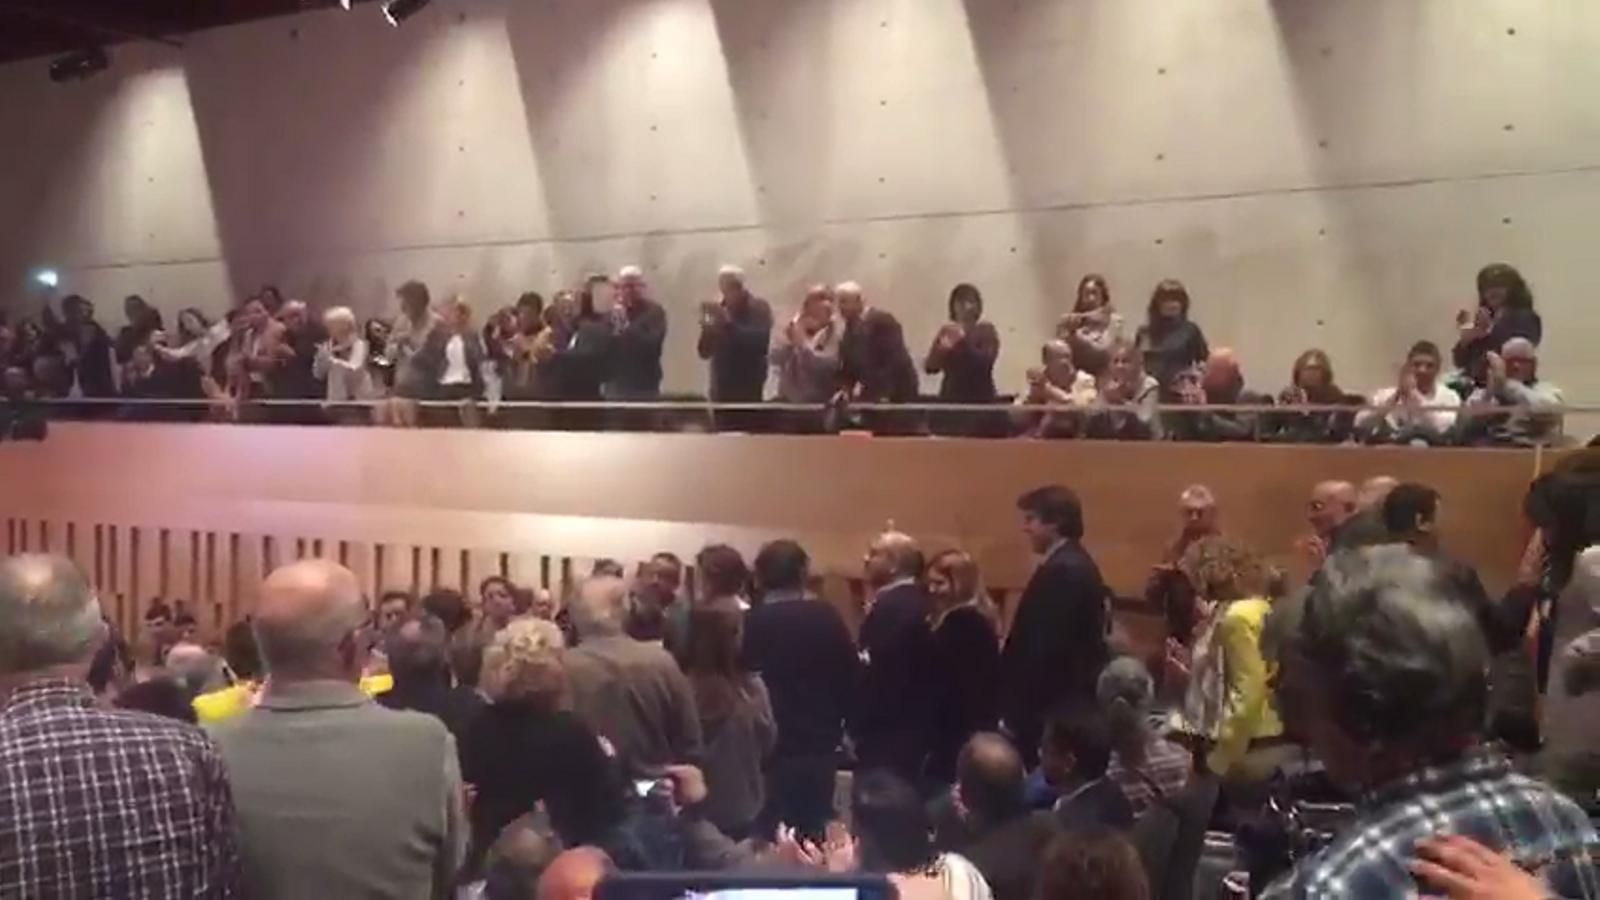 El públic rep amb aplaudiments el conseller Josep Rull a l'acte de JxCat a Girona d'aquest dimecres